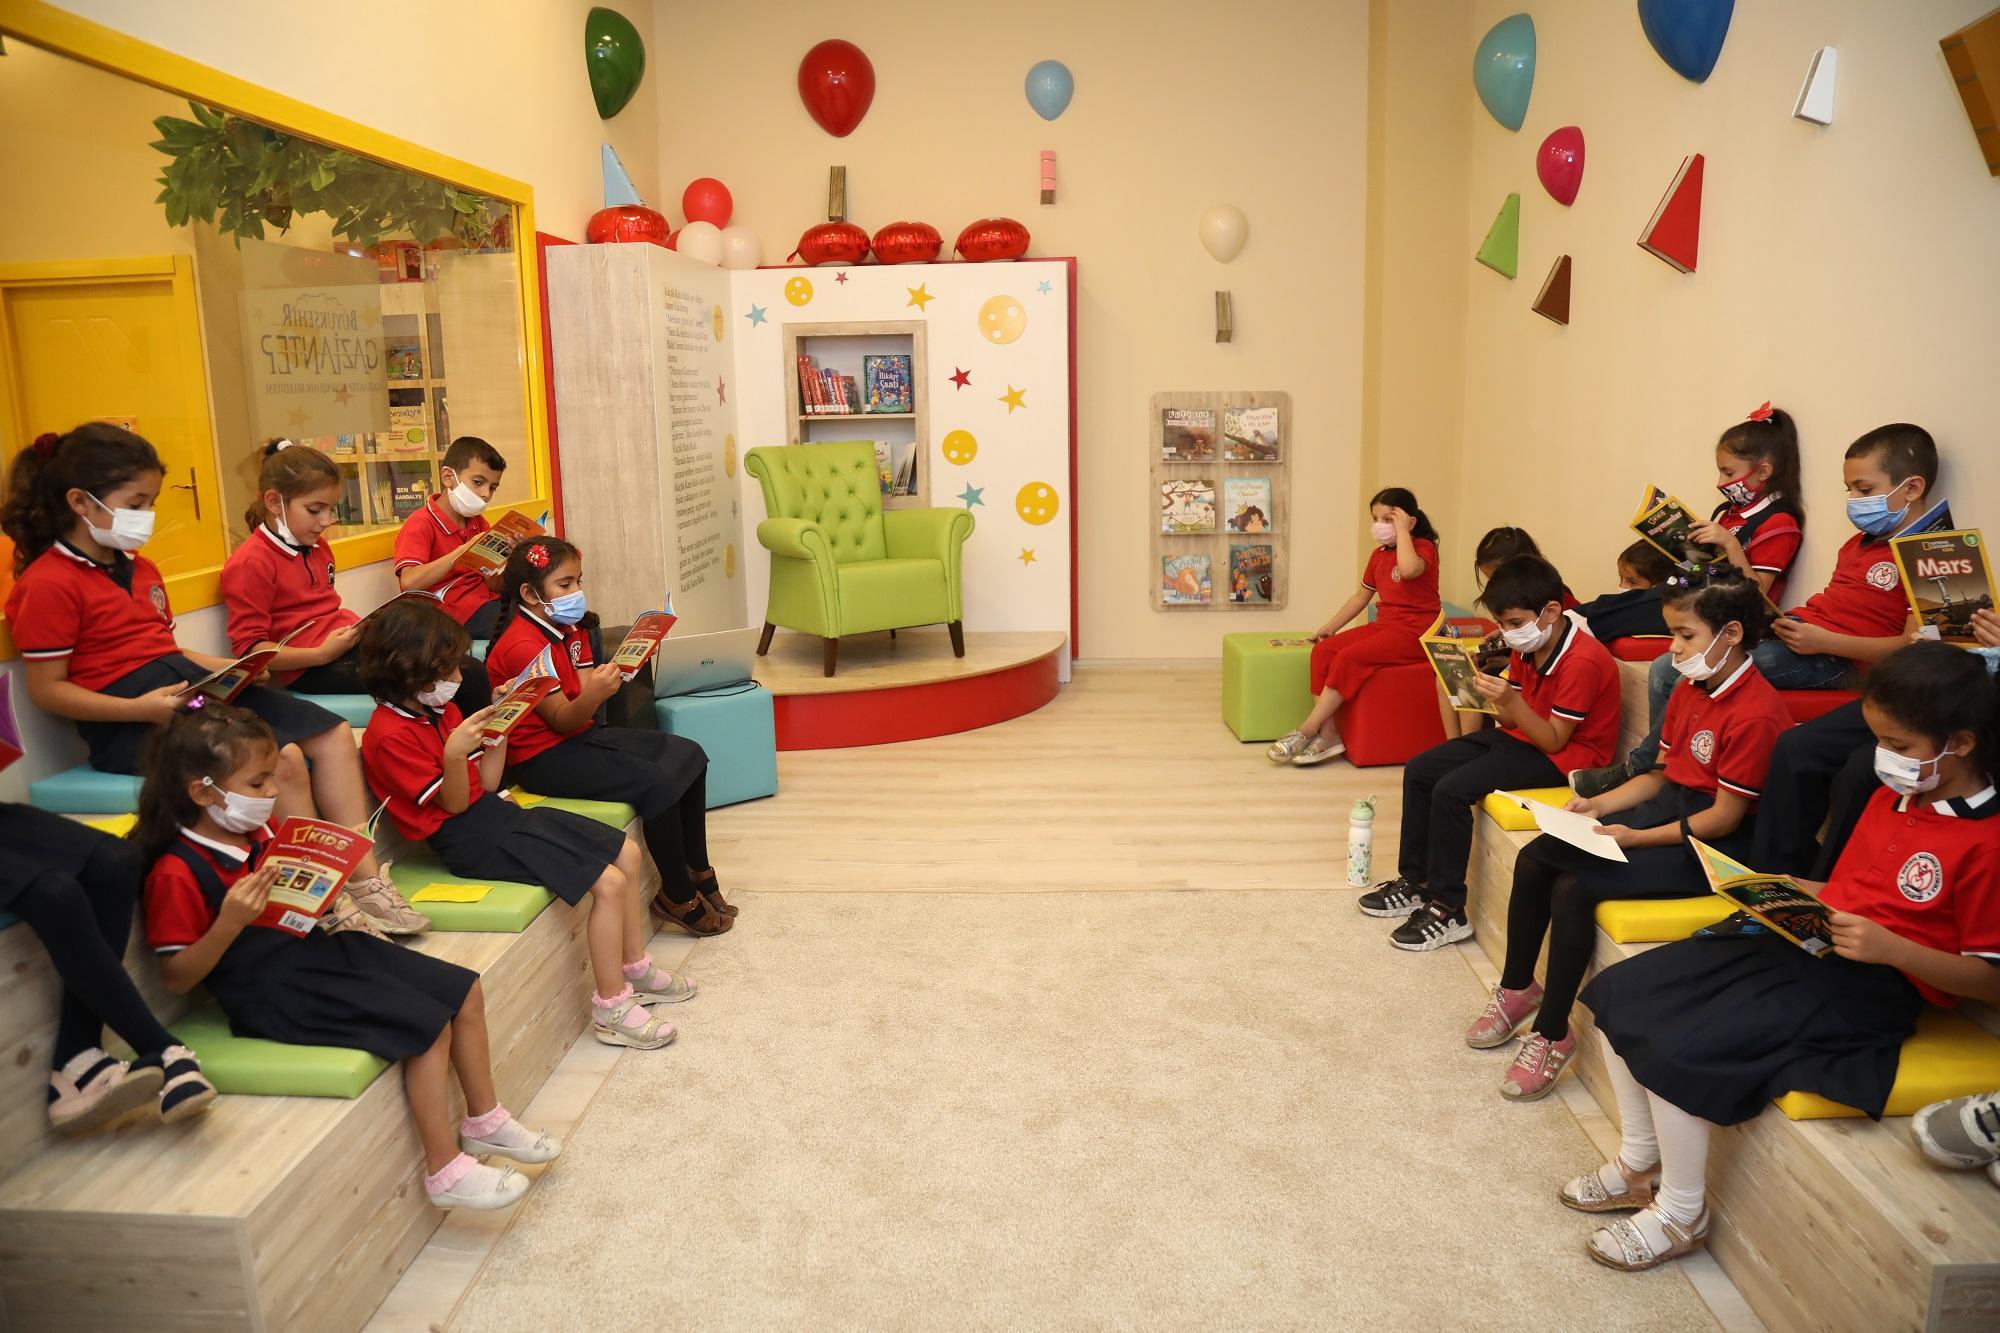 Gaziantep Büyükşehir, AVM'de Açtığı Çocuk Kütüphanesiyle Bir İlke İmza Attı